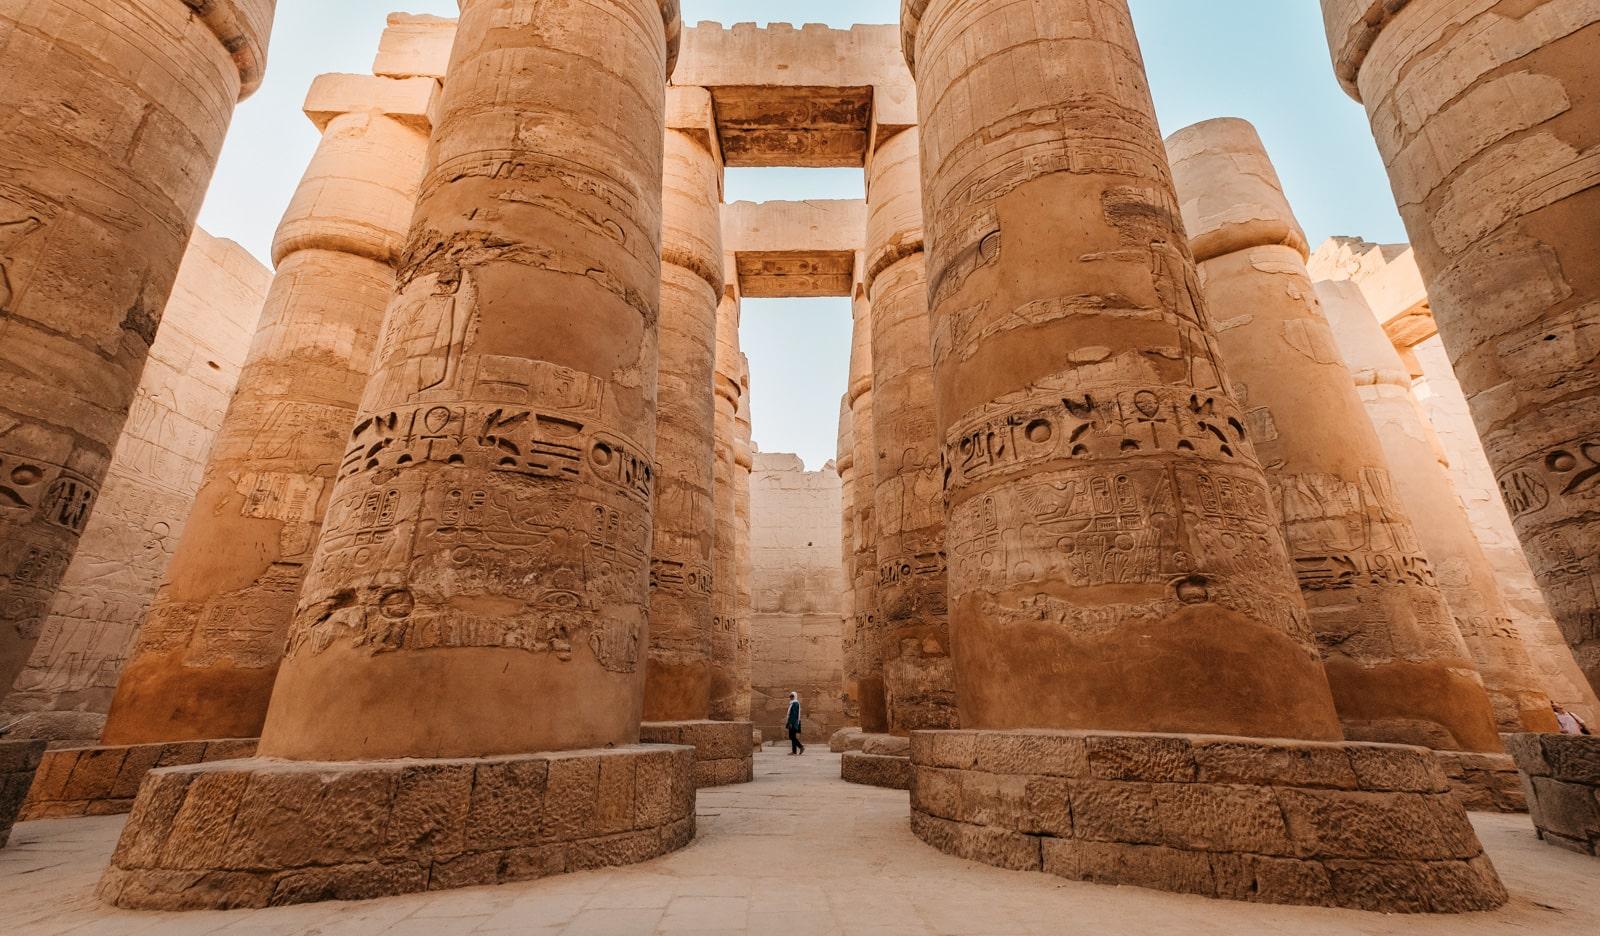 Mısır piramitleri yakınındaki büyük sütunlar